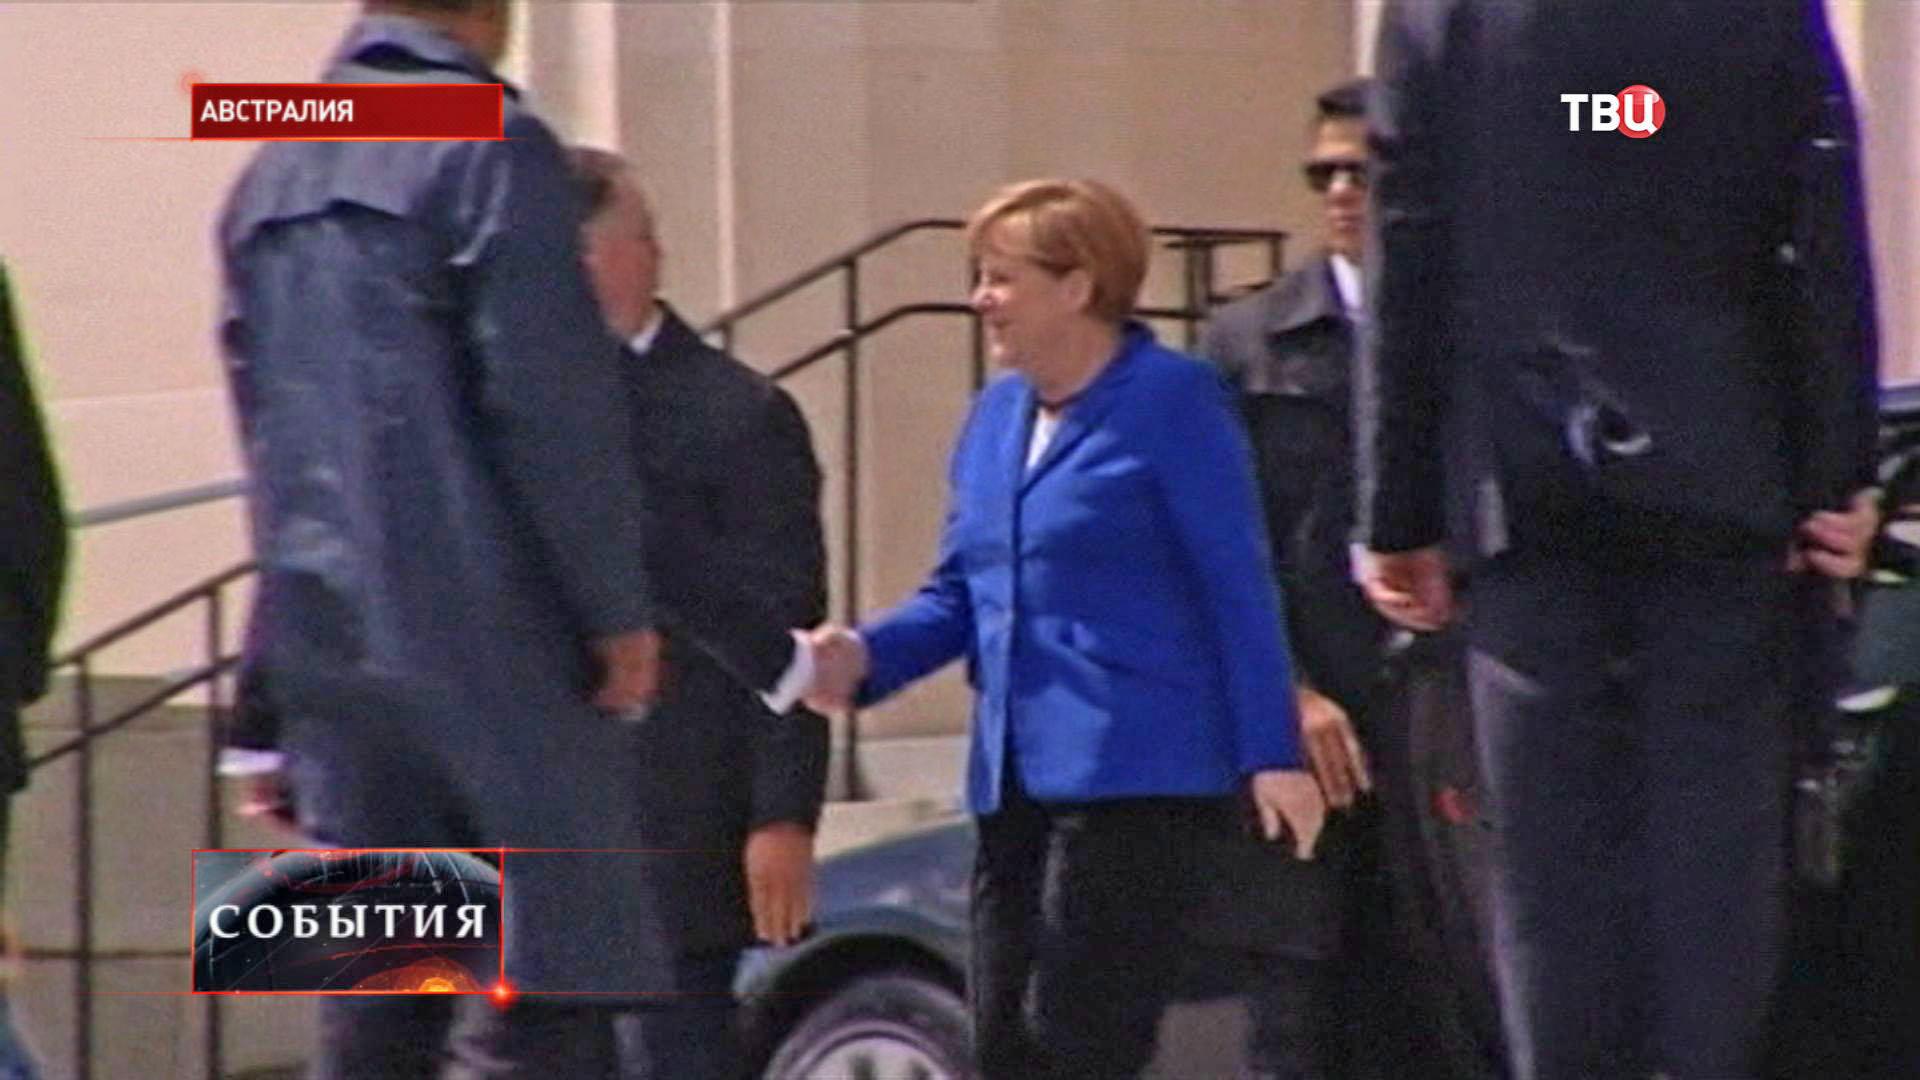 Канцлер Германии Ангела Меркель прилетела в Австралию